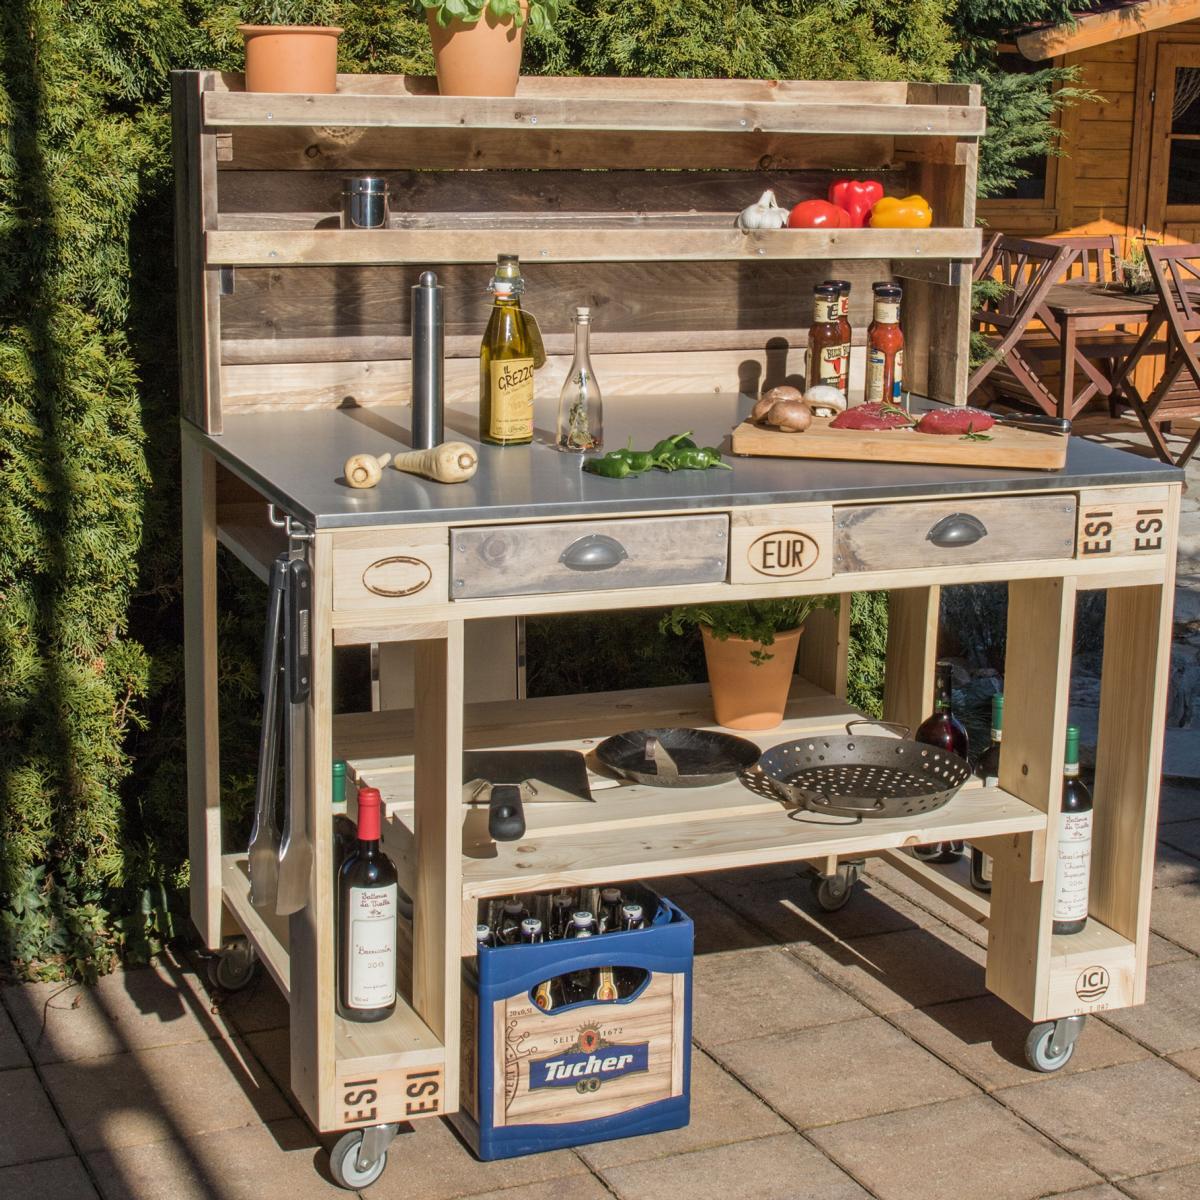 Grill Tisch aus Europaletten-Palettenmöbel Grilltisch-Küche Outdoor